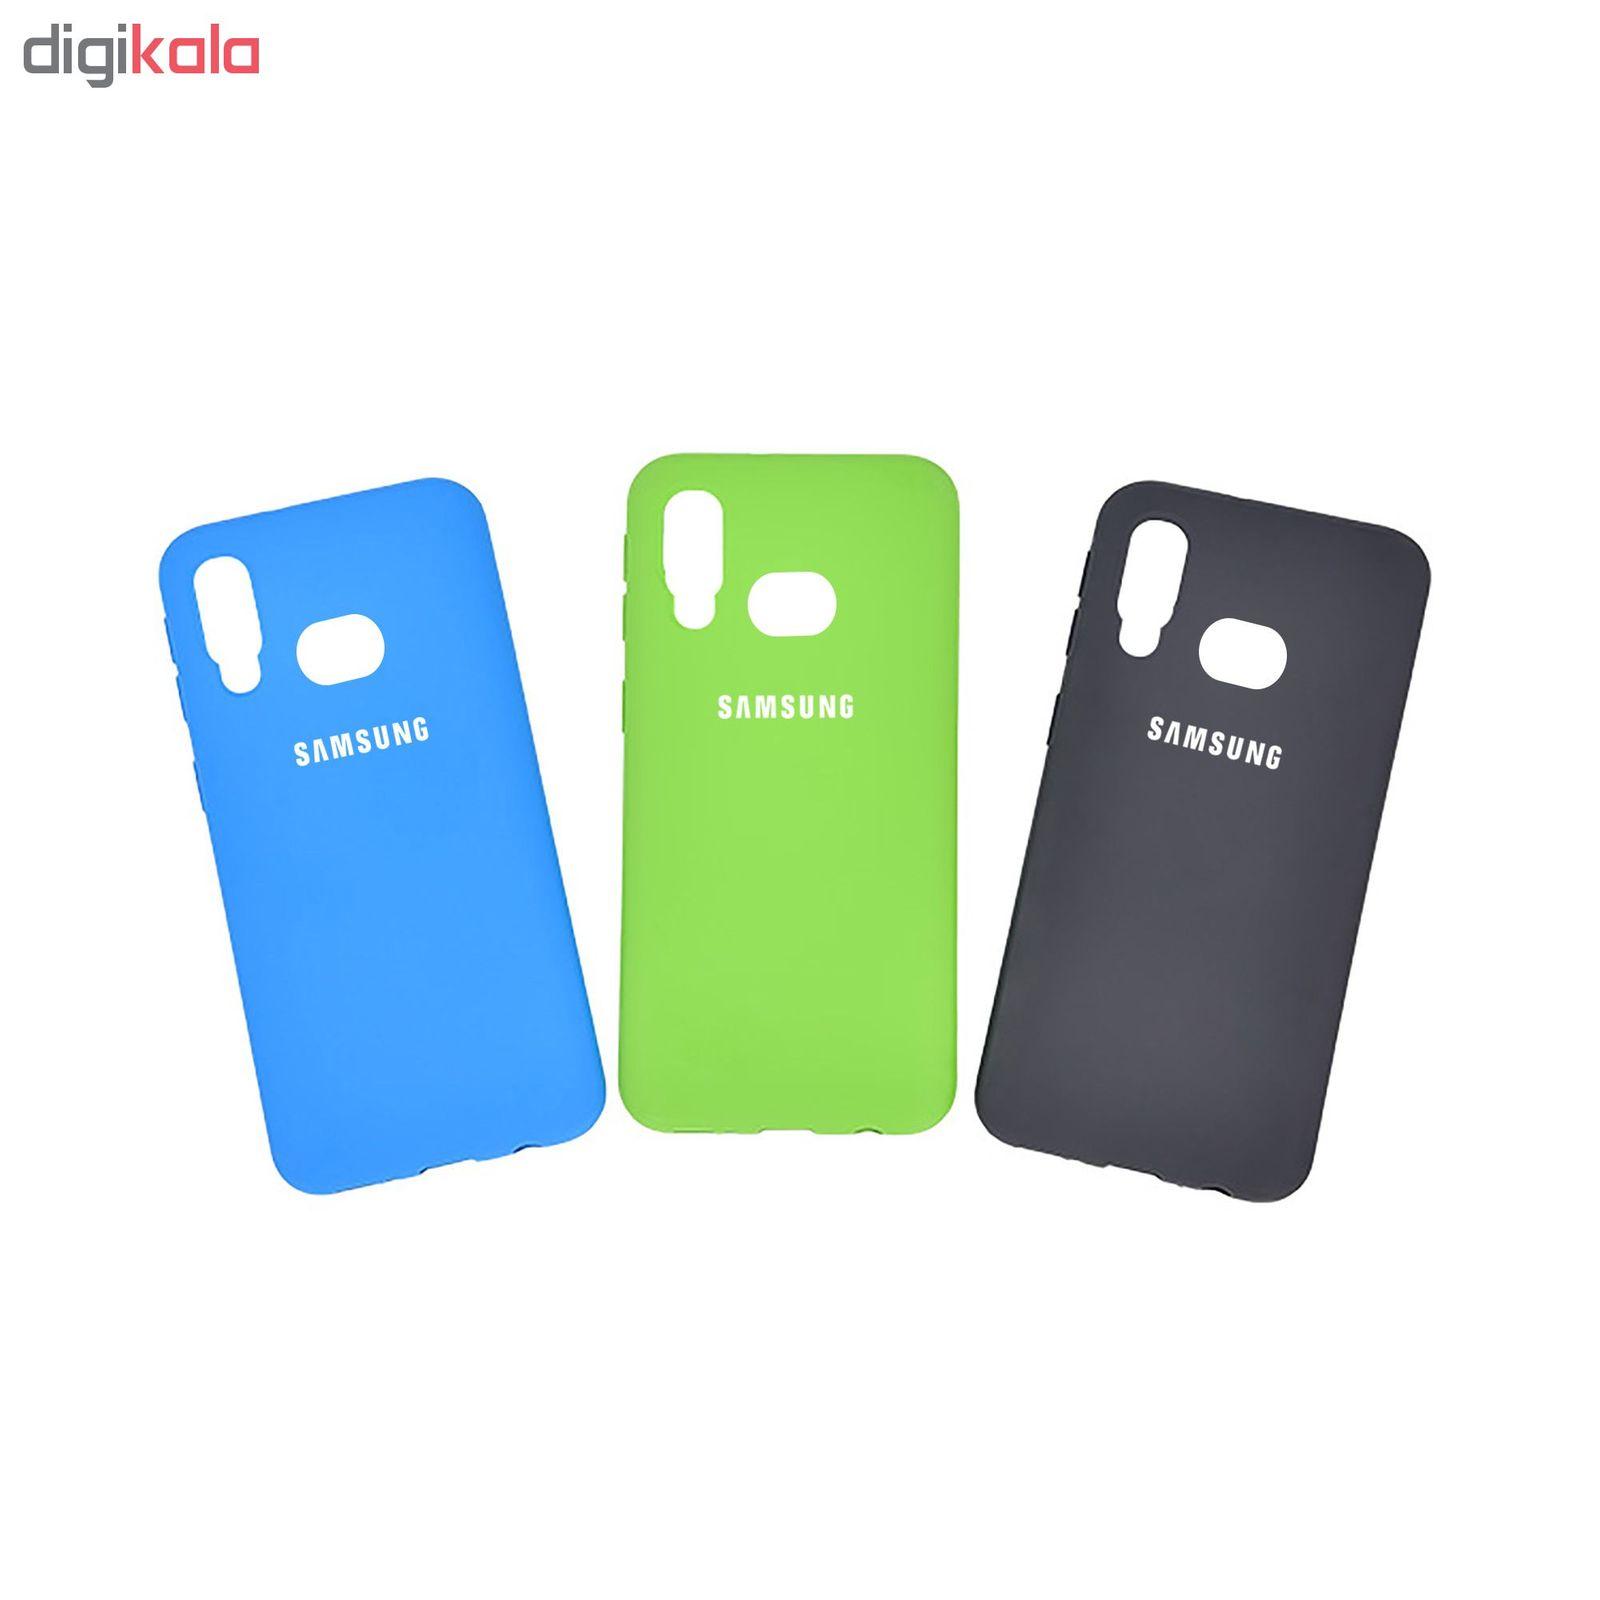 کاور مدل Silc مناسب برای گوشی موبایل سامسونگ Galaxy A10S main 1 8